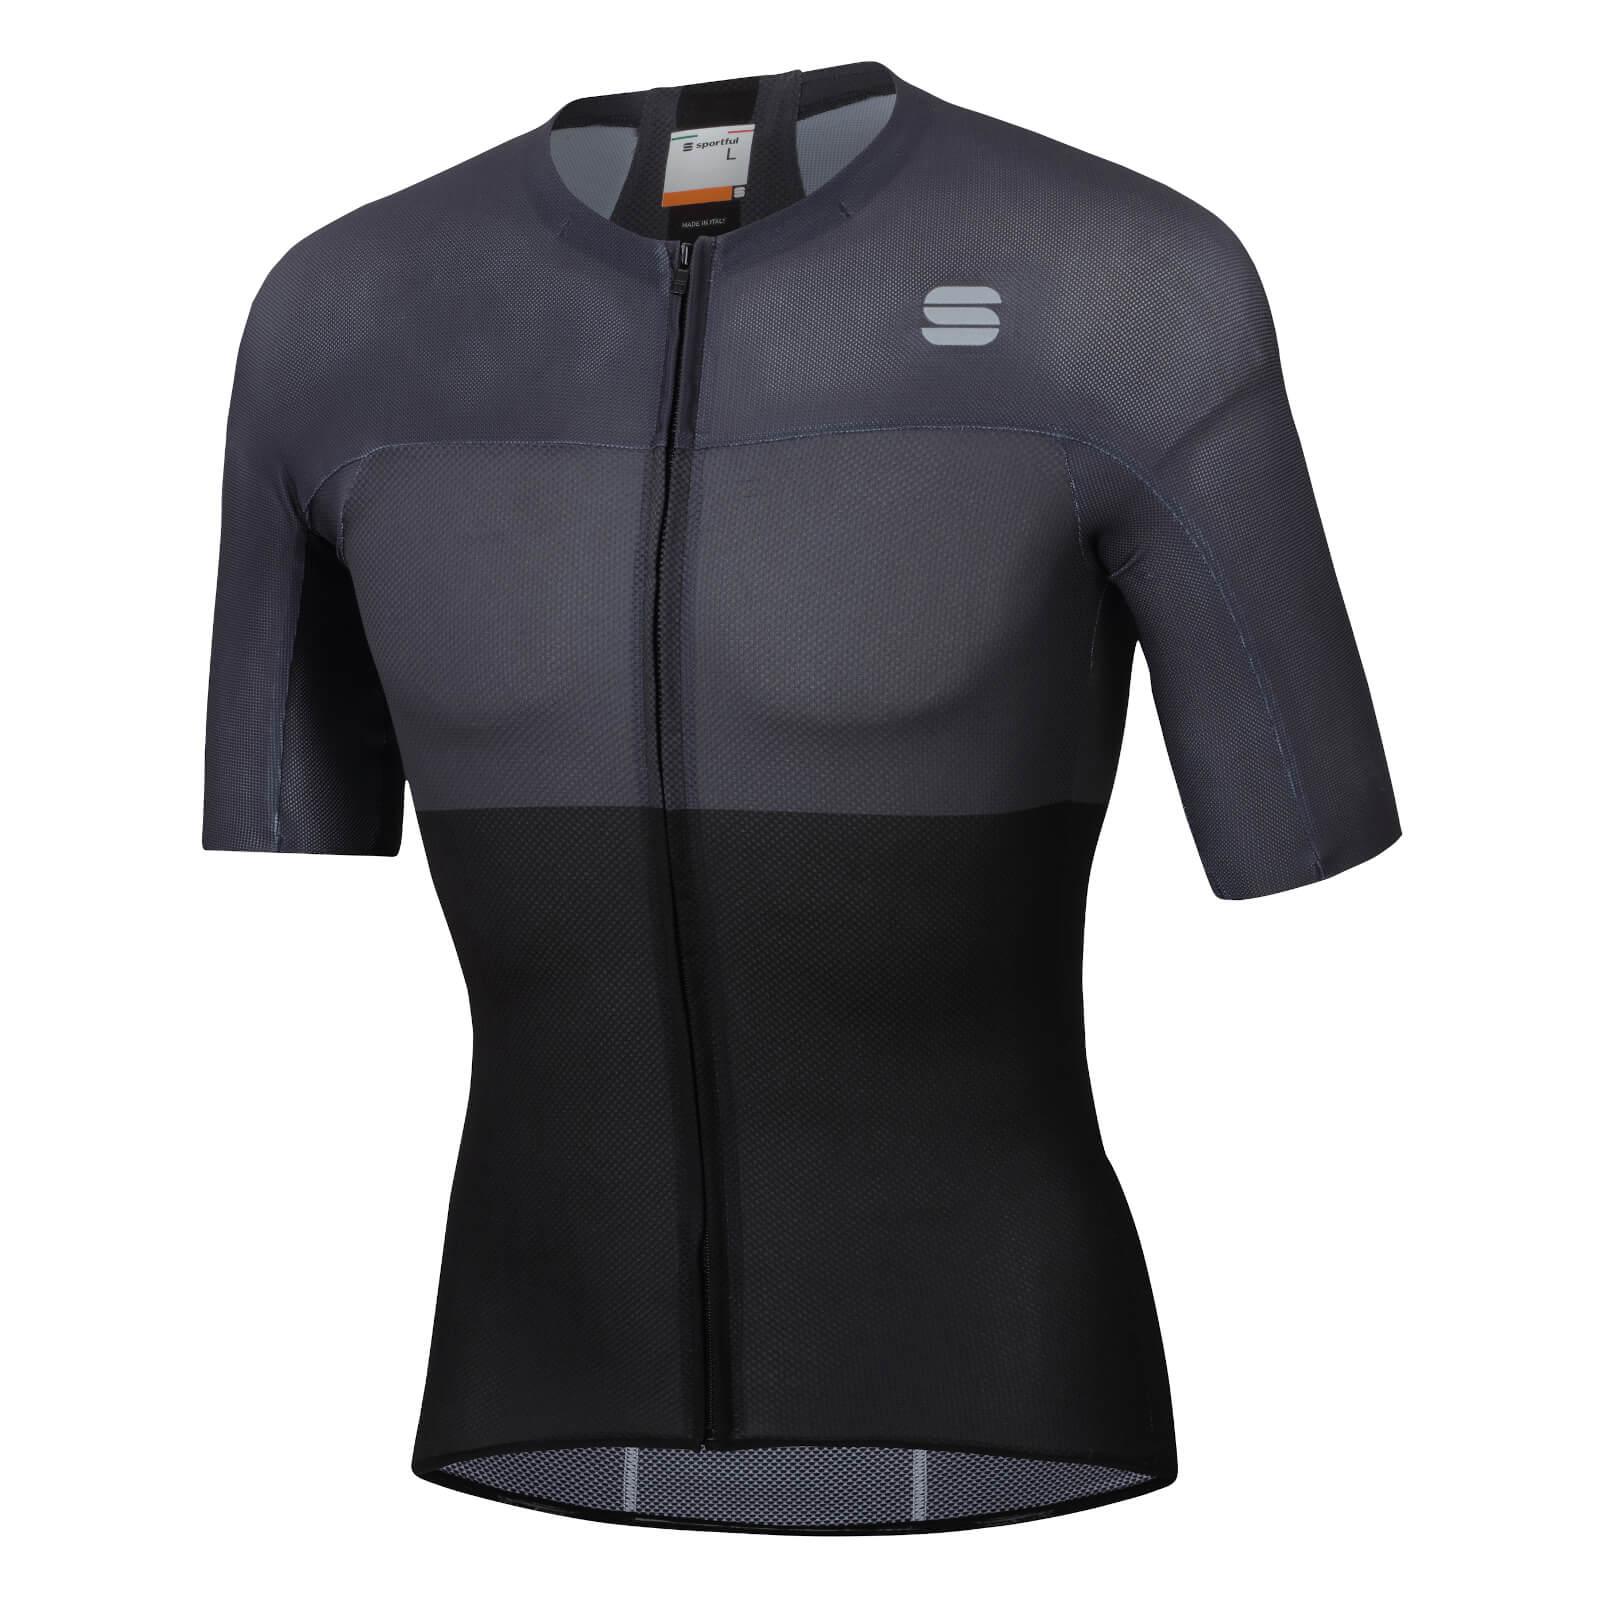 Sportful BodyFit Pro Light Jersey - M - Black/Anthracite